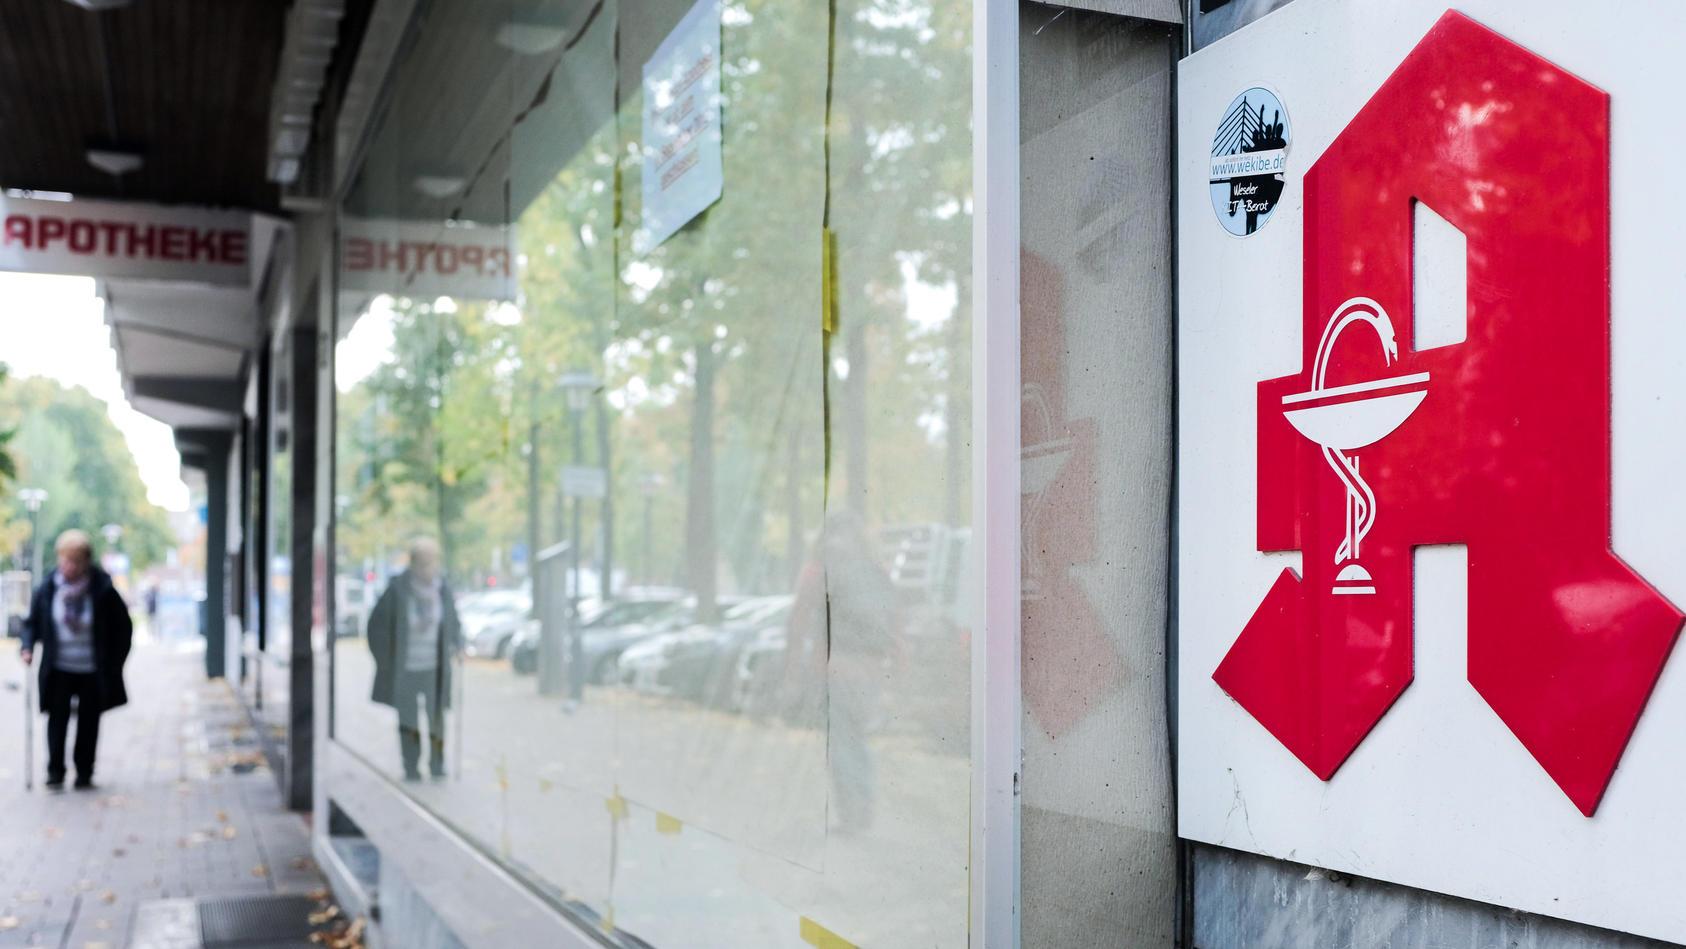 In Deutschland schließen immer mehr Apotheken, die Bundesvereinigung Deutscher Apothekerverbände mitteilt.